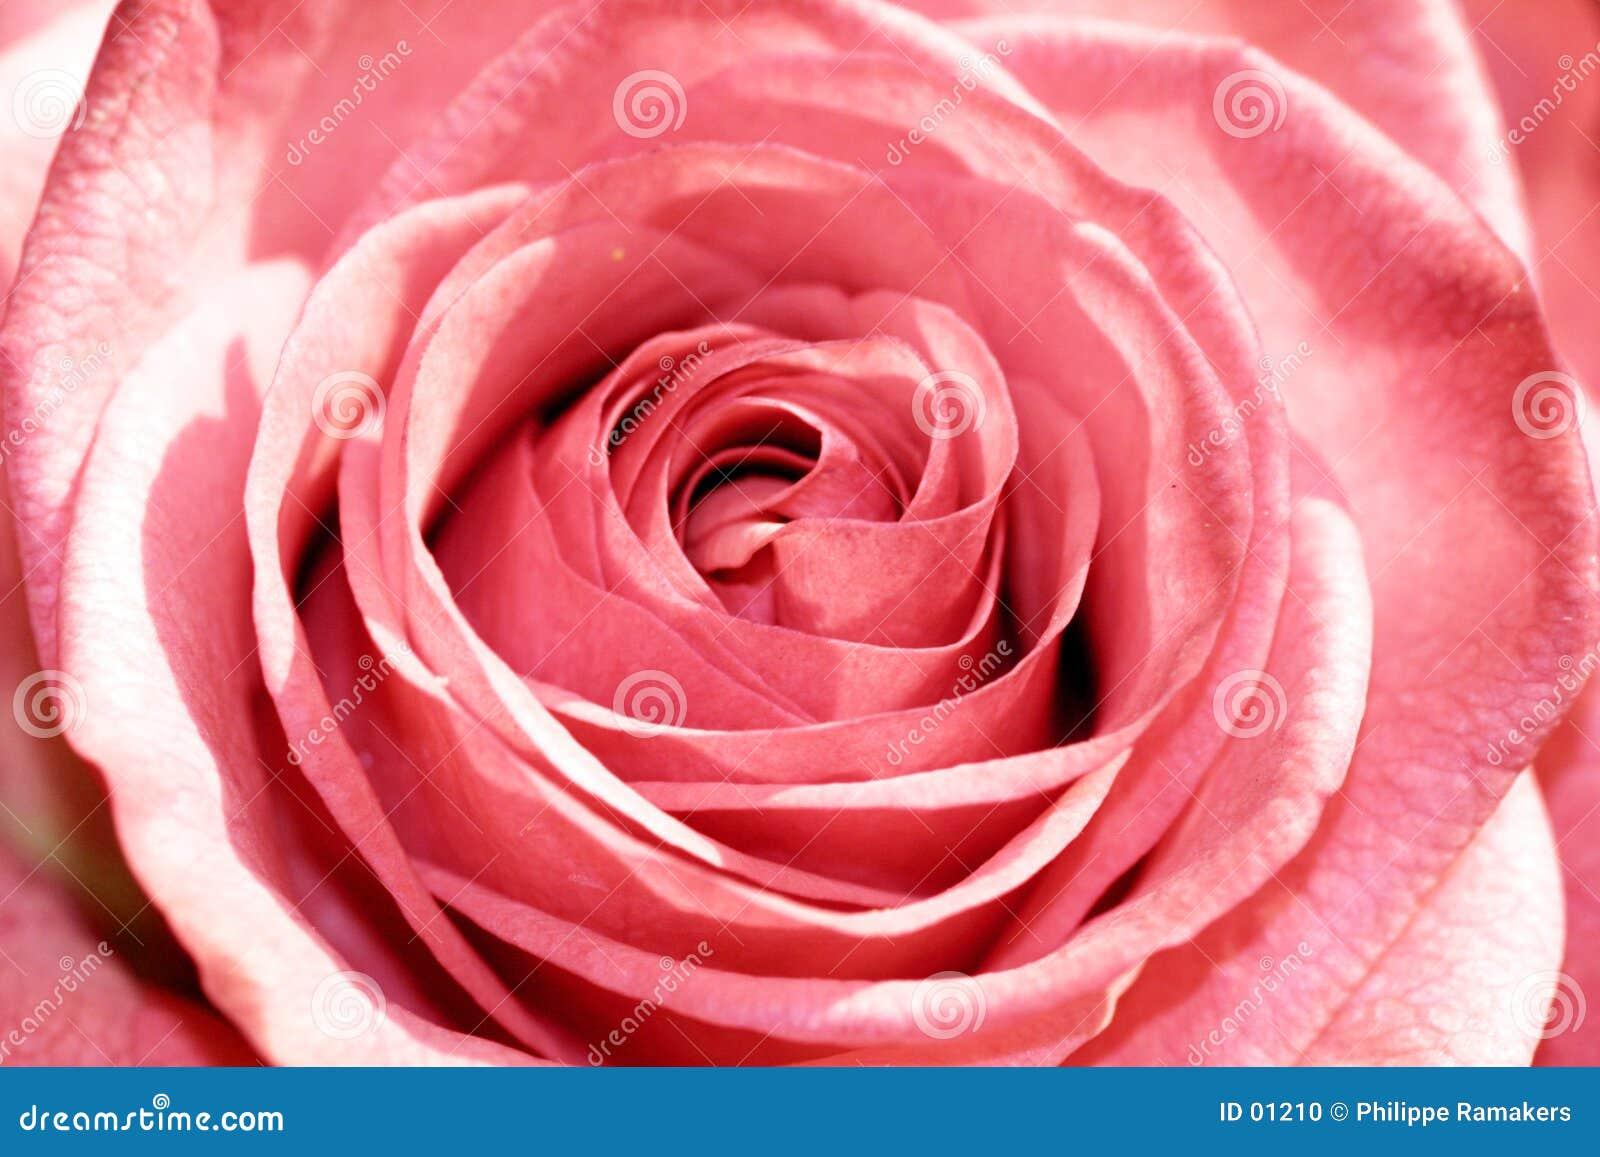 Rose zbliżenie